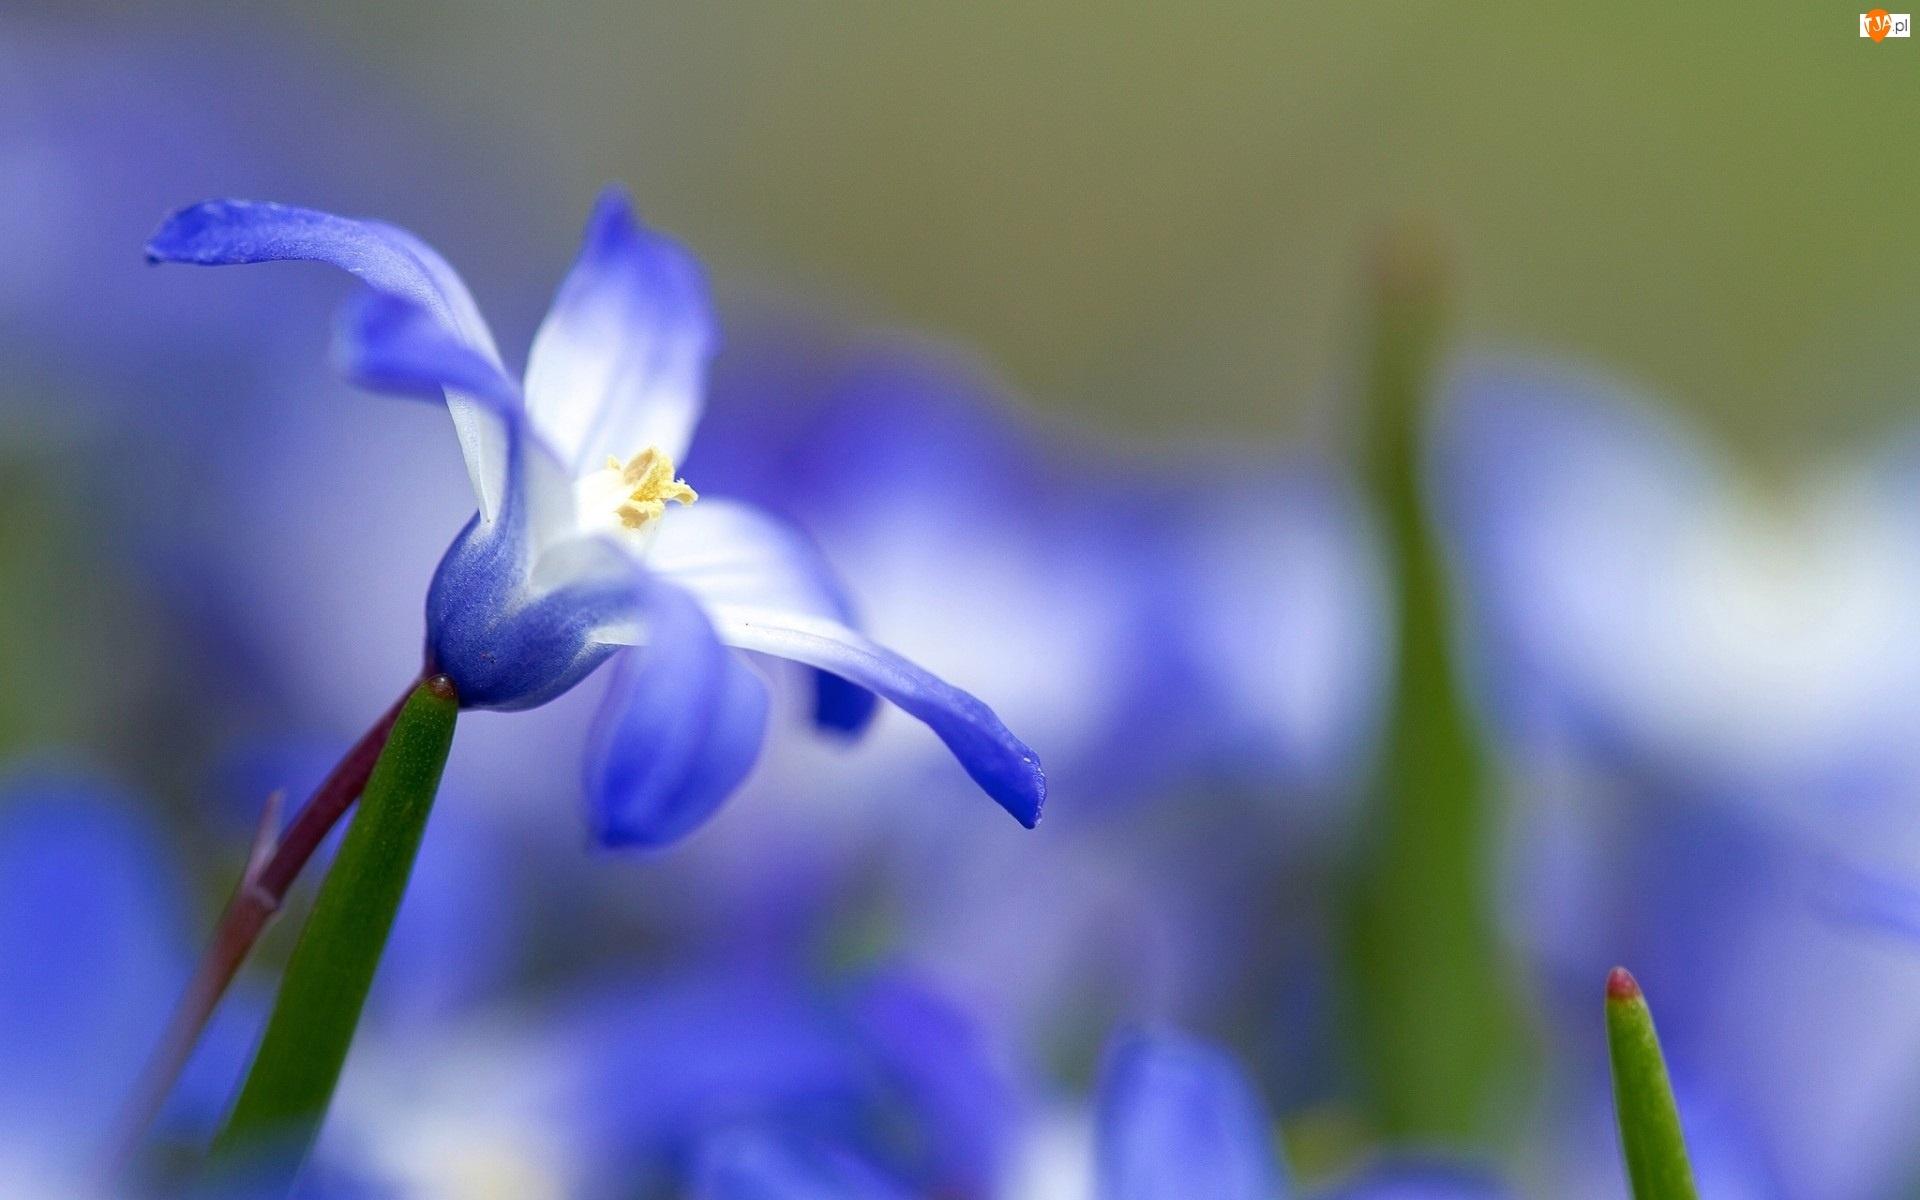 Śnieżnik, Błękitny, Kwiatek, Makro